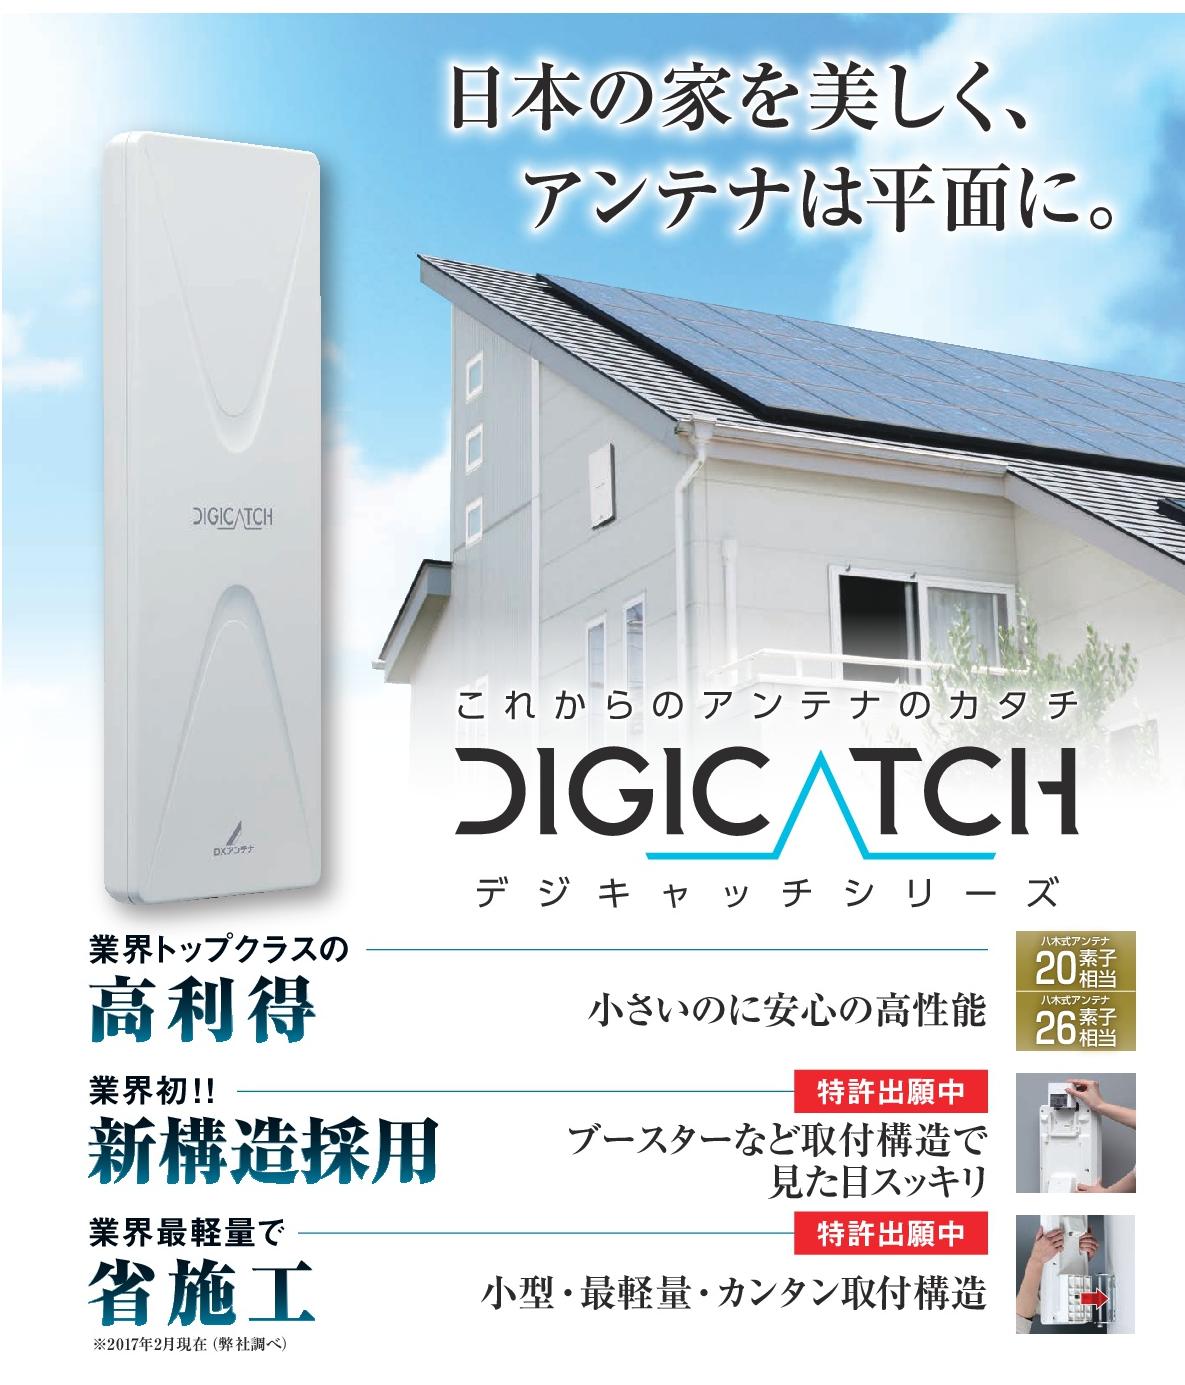 【DXアンテナ】UHF平面アンテナ(デジキャッチシリーズ)に「ブラックモデル」追加の画像